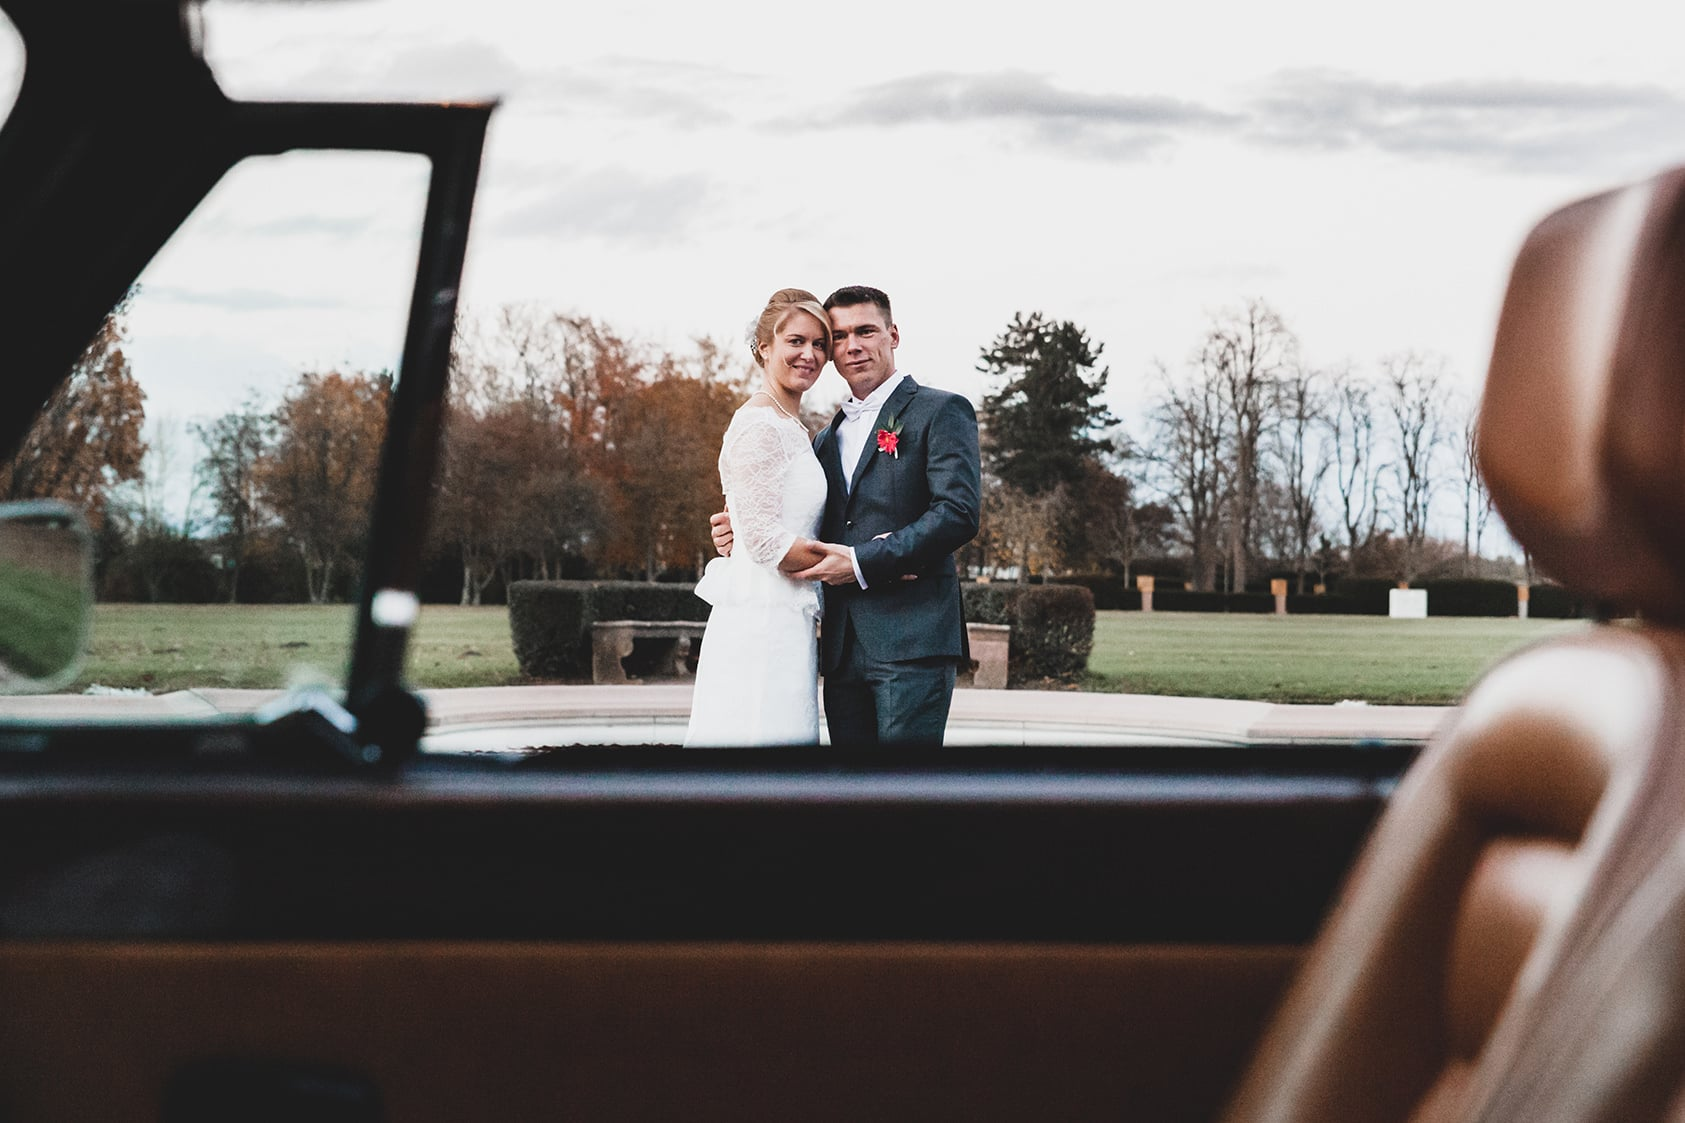 Hochzeitsreportage-MarleneBjoern-Schloss-Braunshardt-Weiterstadt-Darmstadt-Katharina-Schwerber-Vintagehochzeit